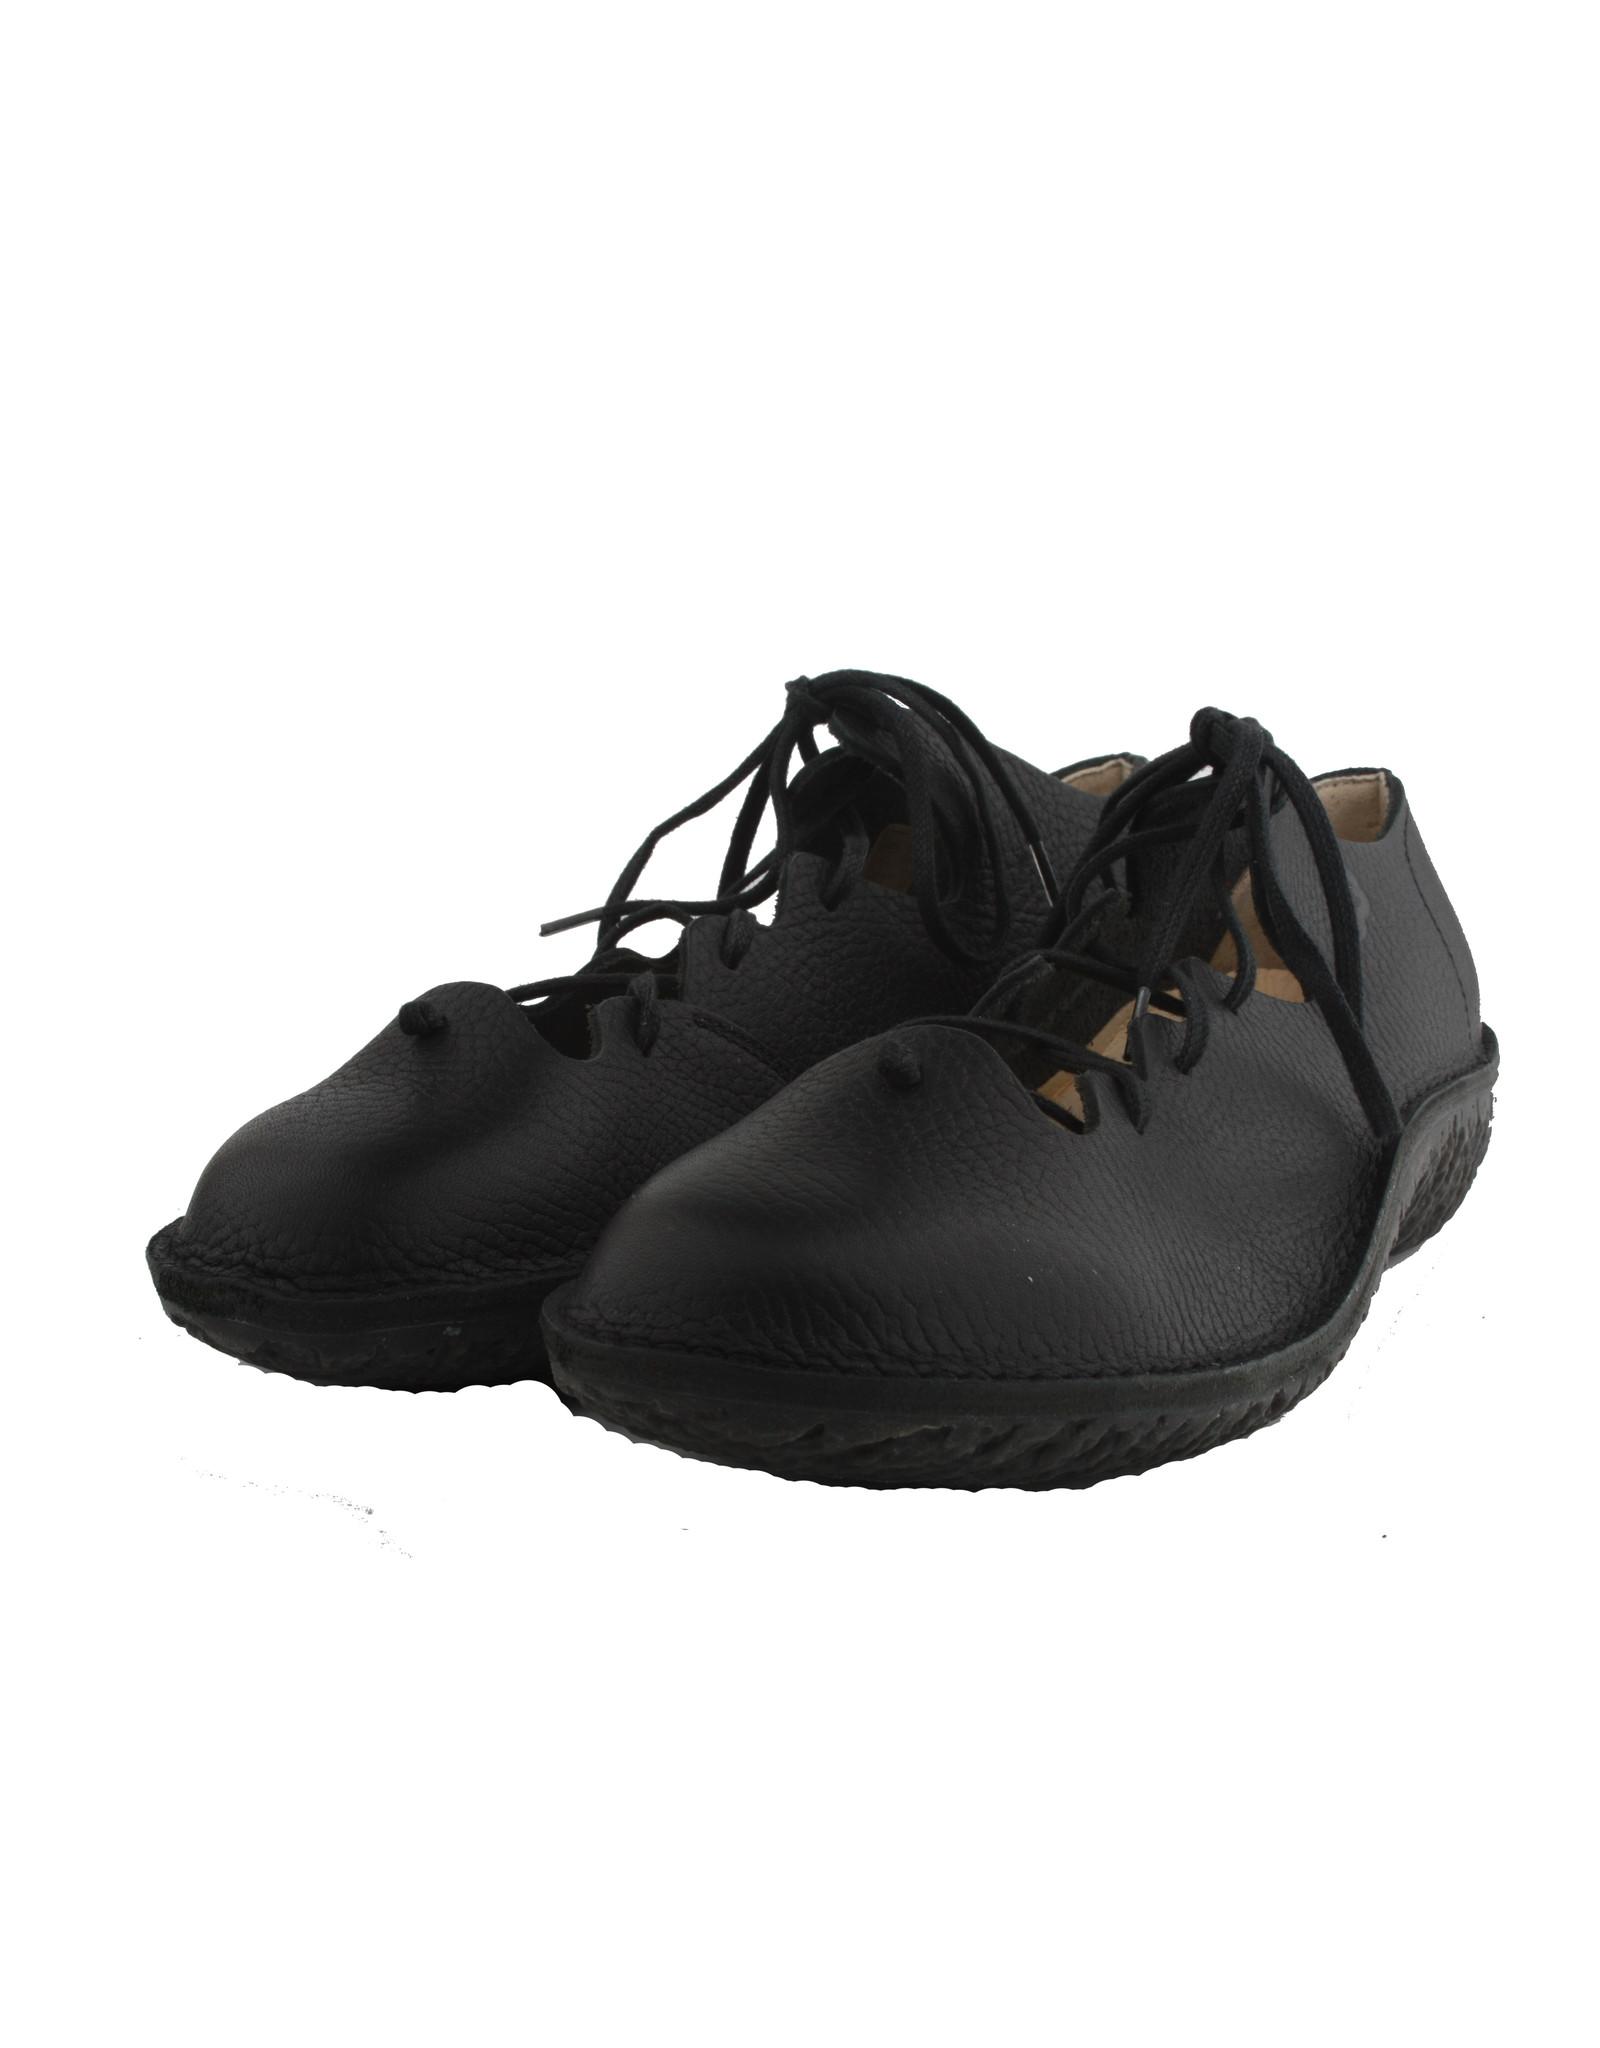 Loints Fusion 37801 719 black